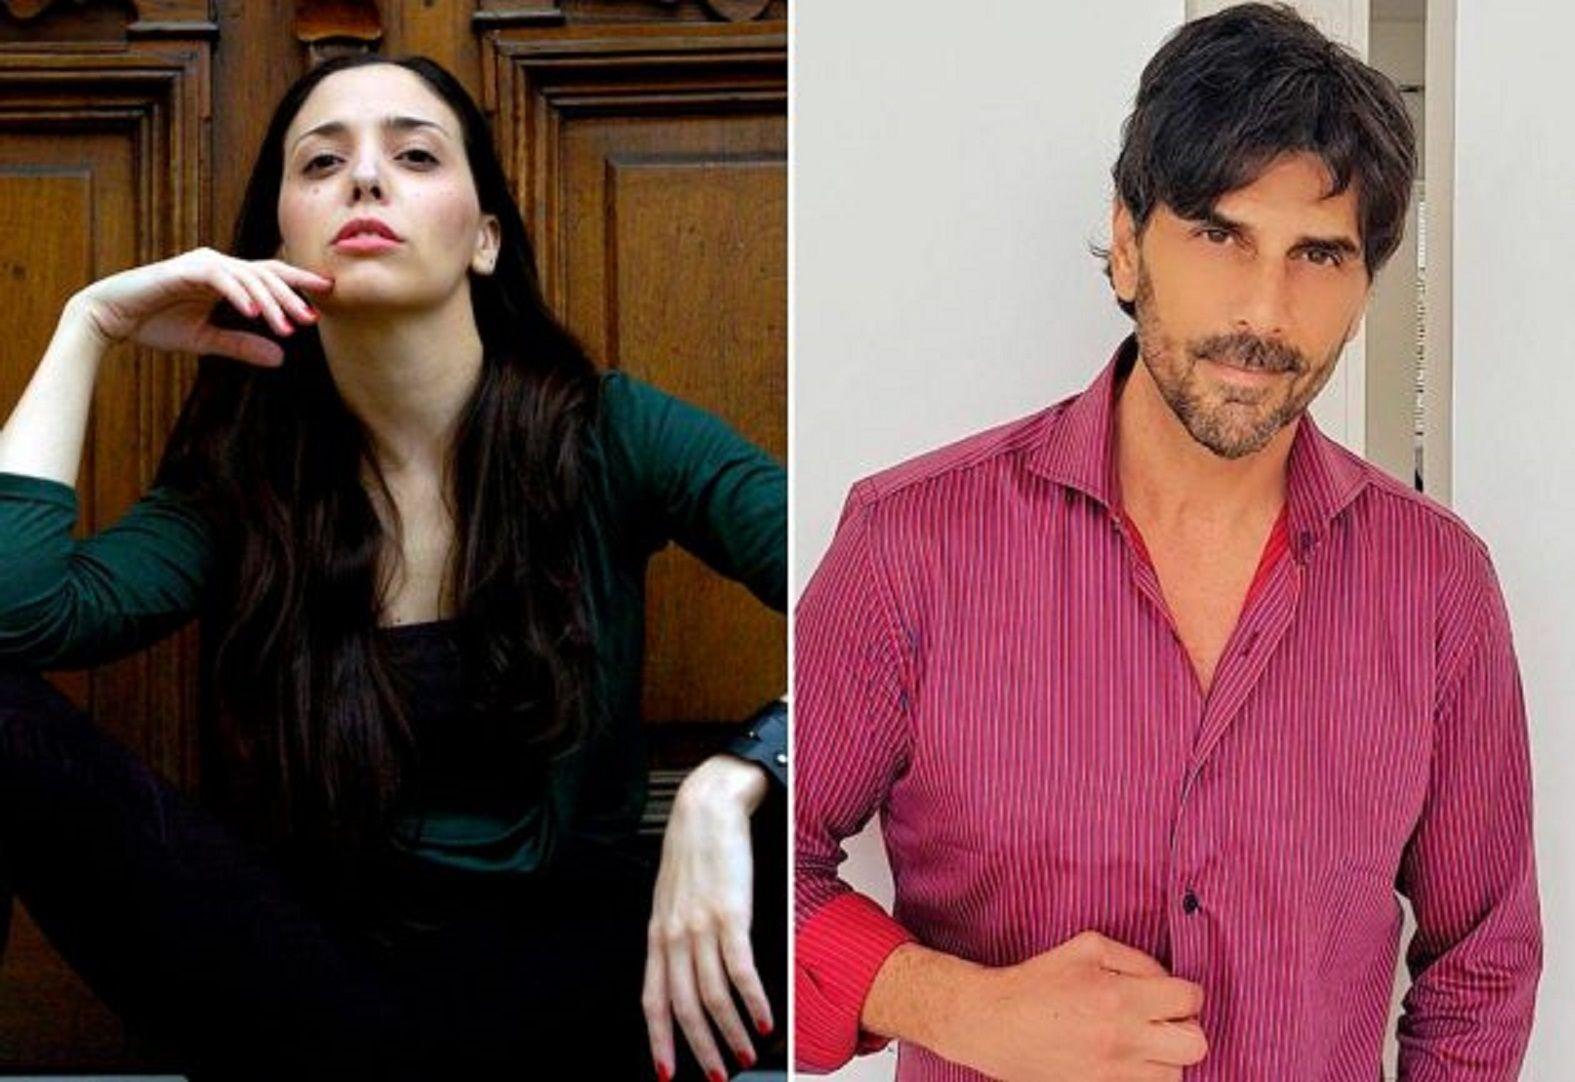 Anita Coacci relató que el actor la beso por la fuerza y la obligó a tocarle sus genitales.